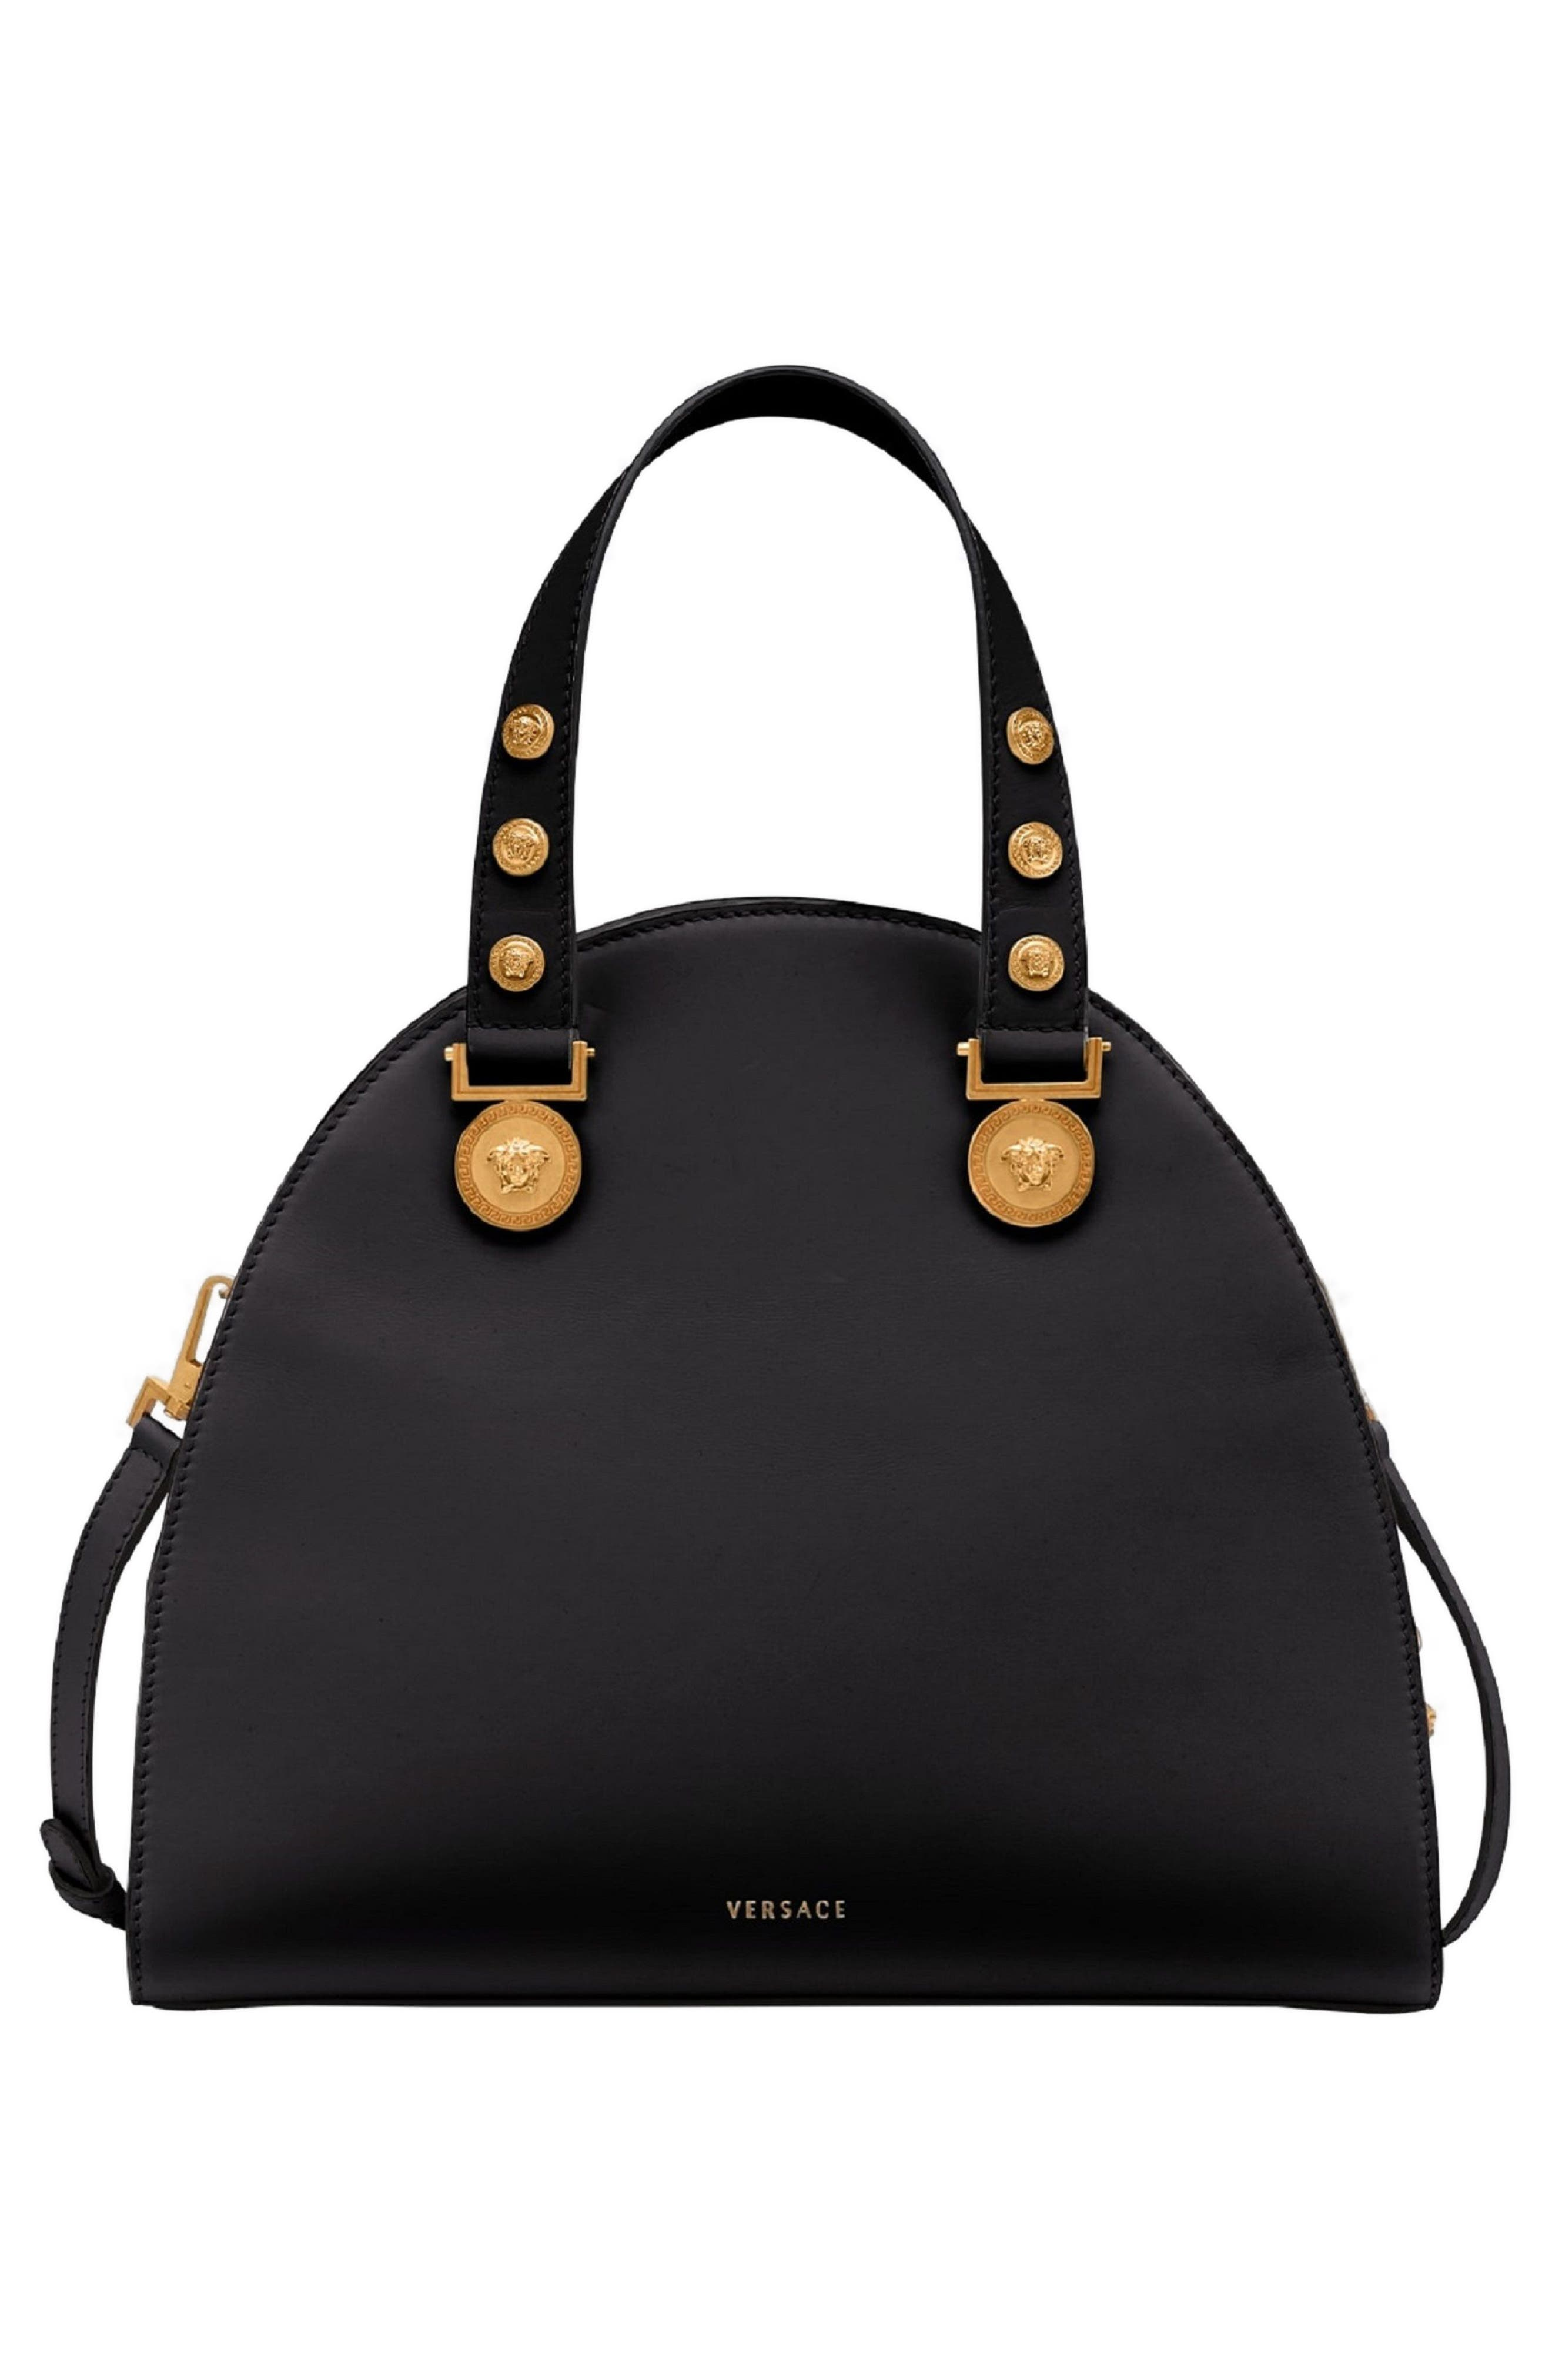 6aa01a2b58 Women s Versace Designer Handbags   Wallets